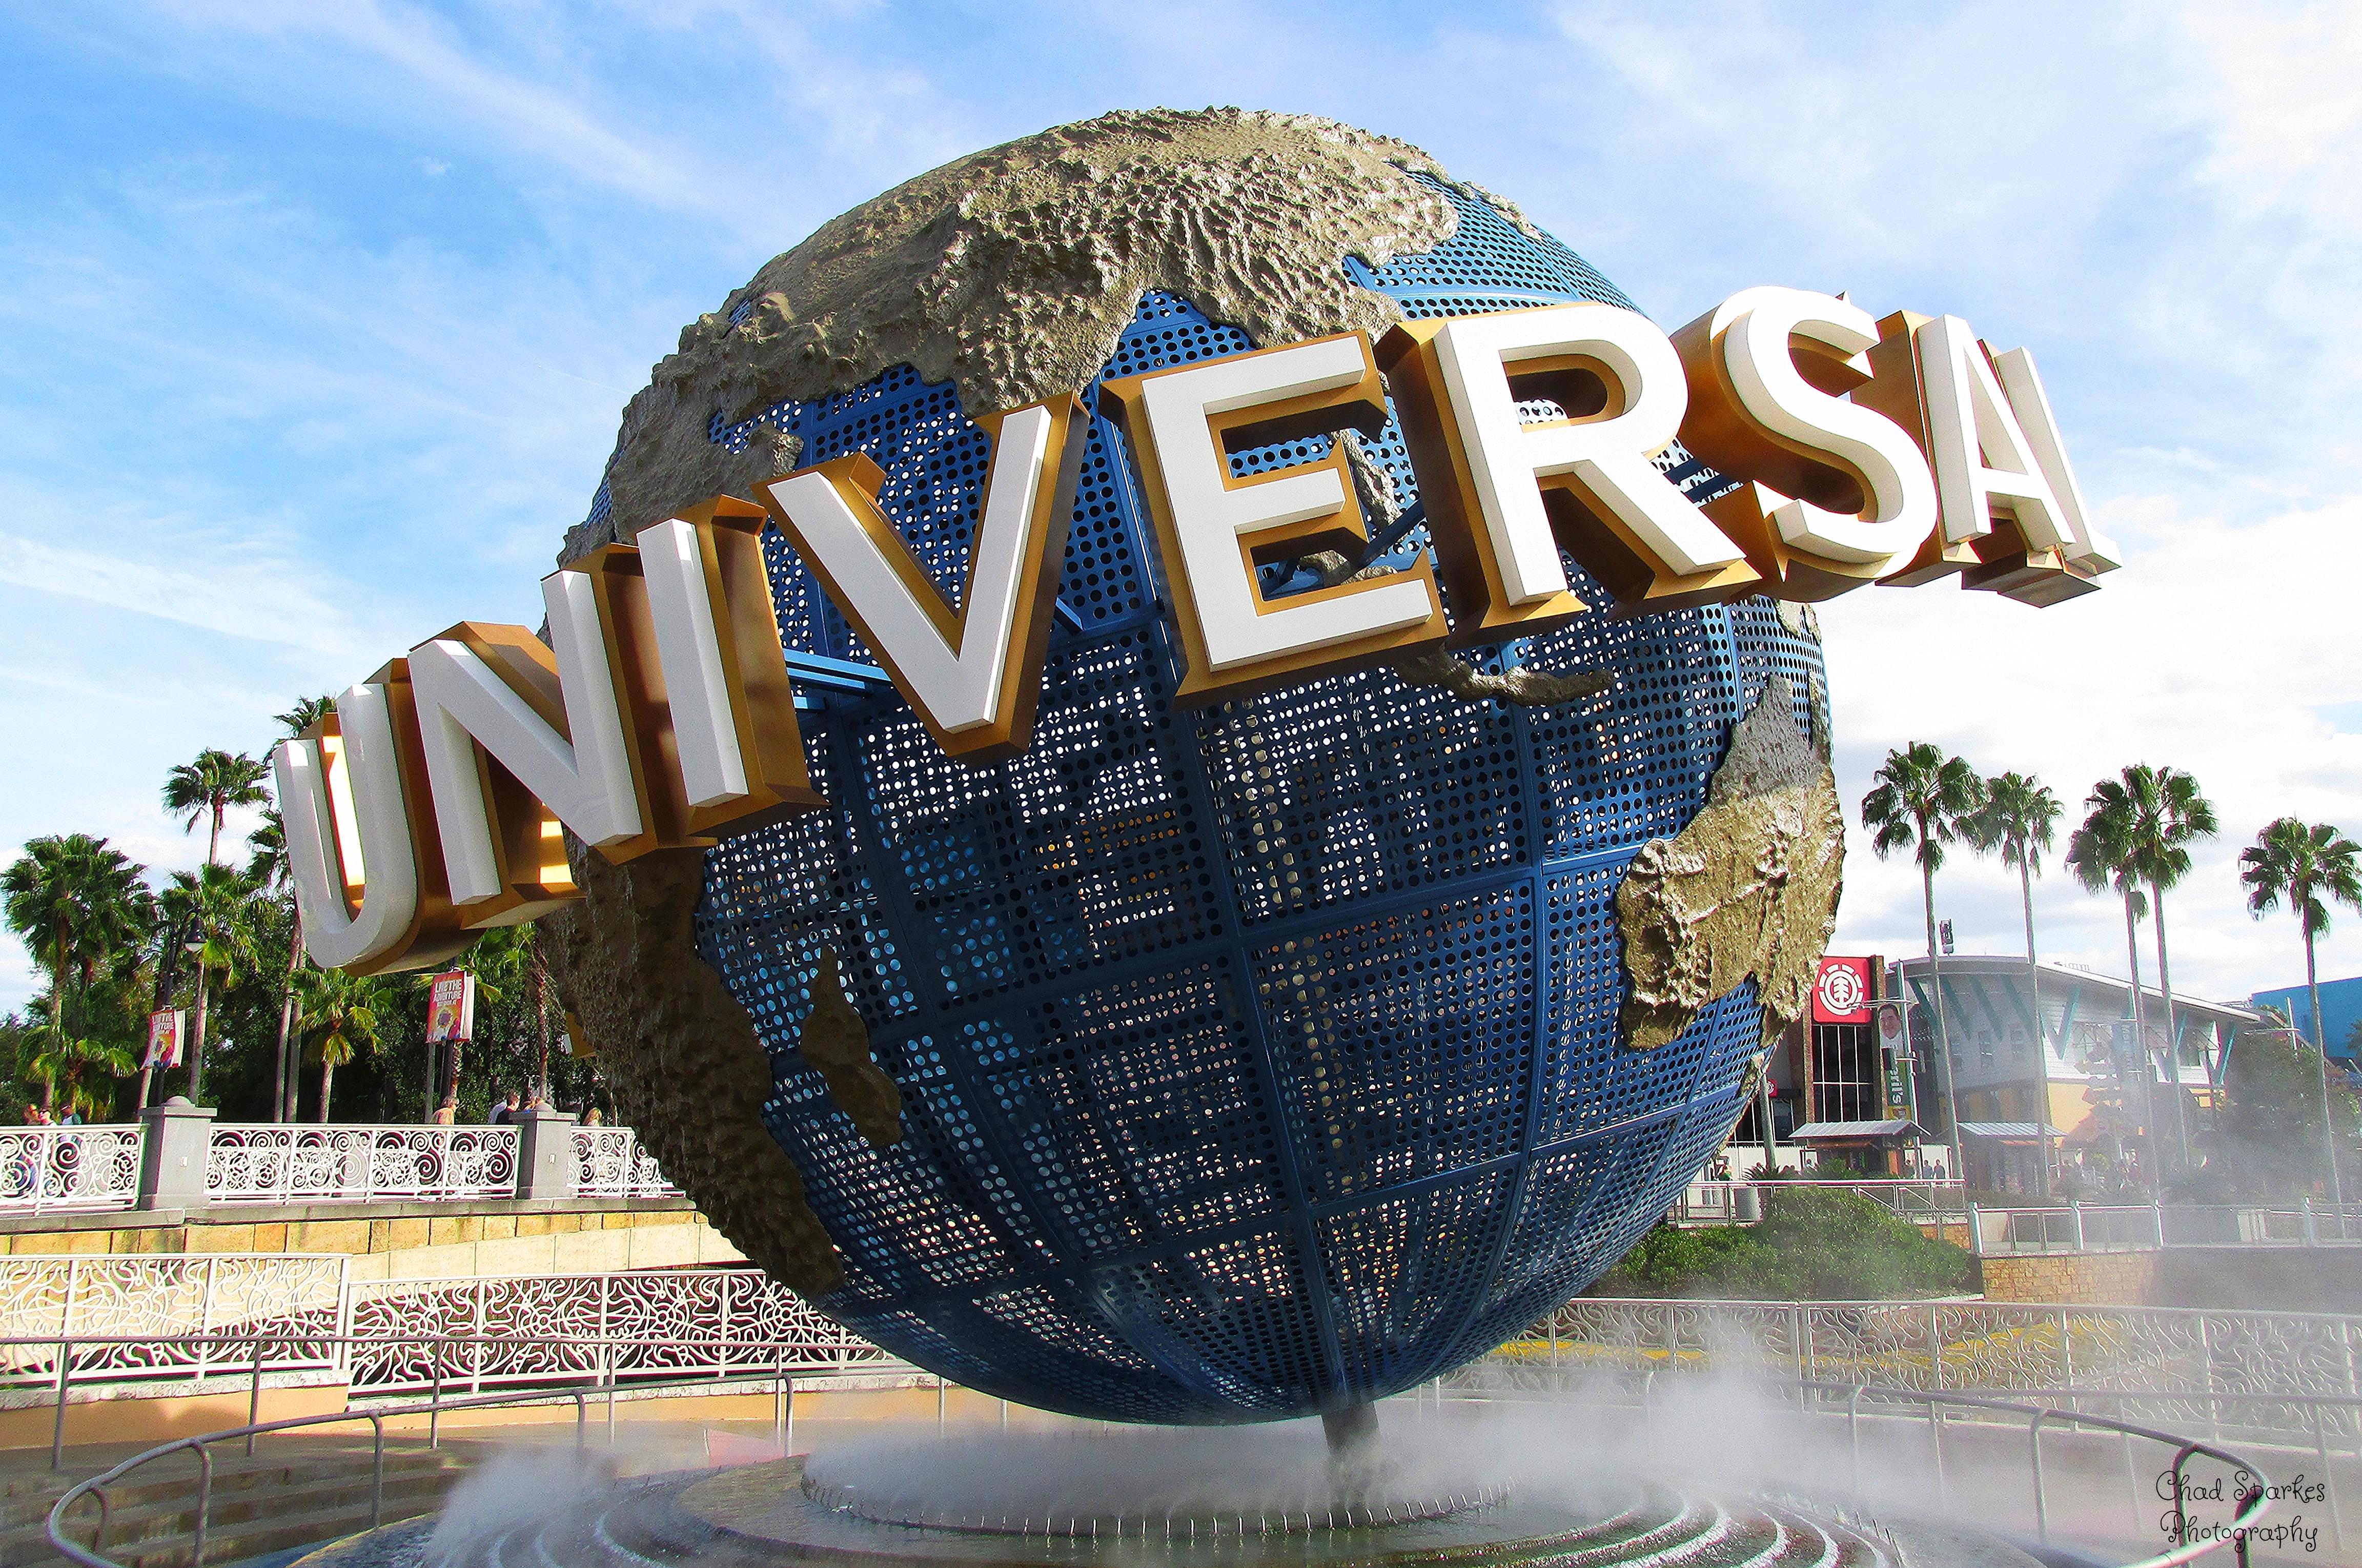 映画の世界から冒険へ!ユニバーサル・スタジオ・フロリダ絶対見所ガイド